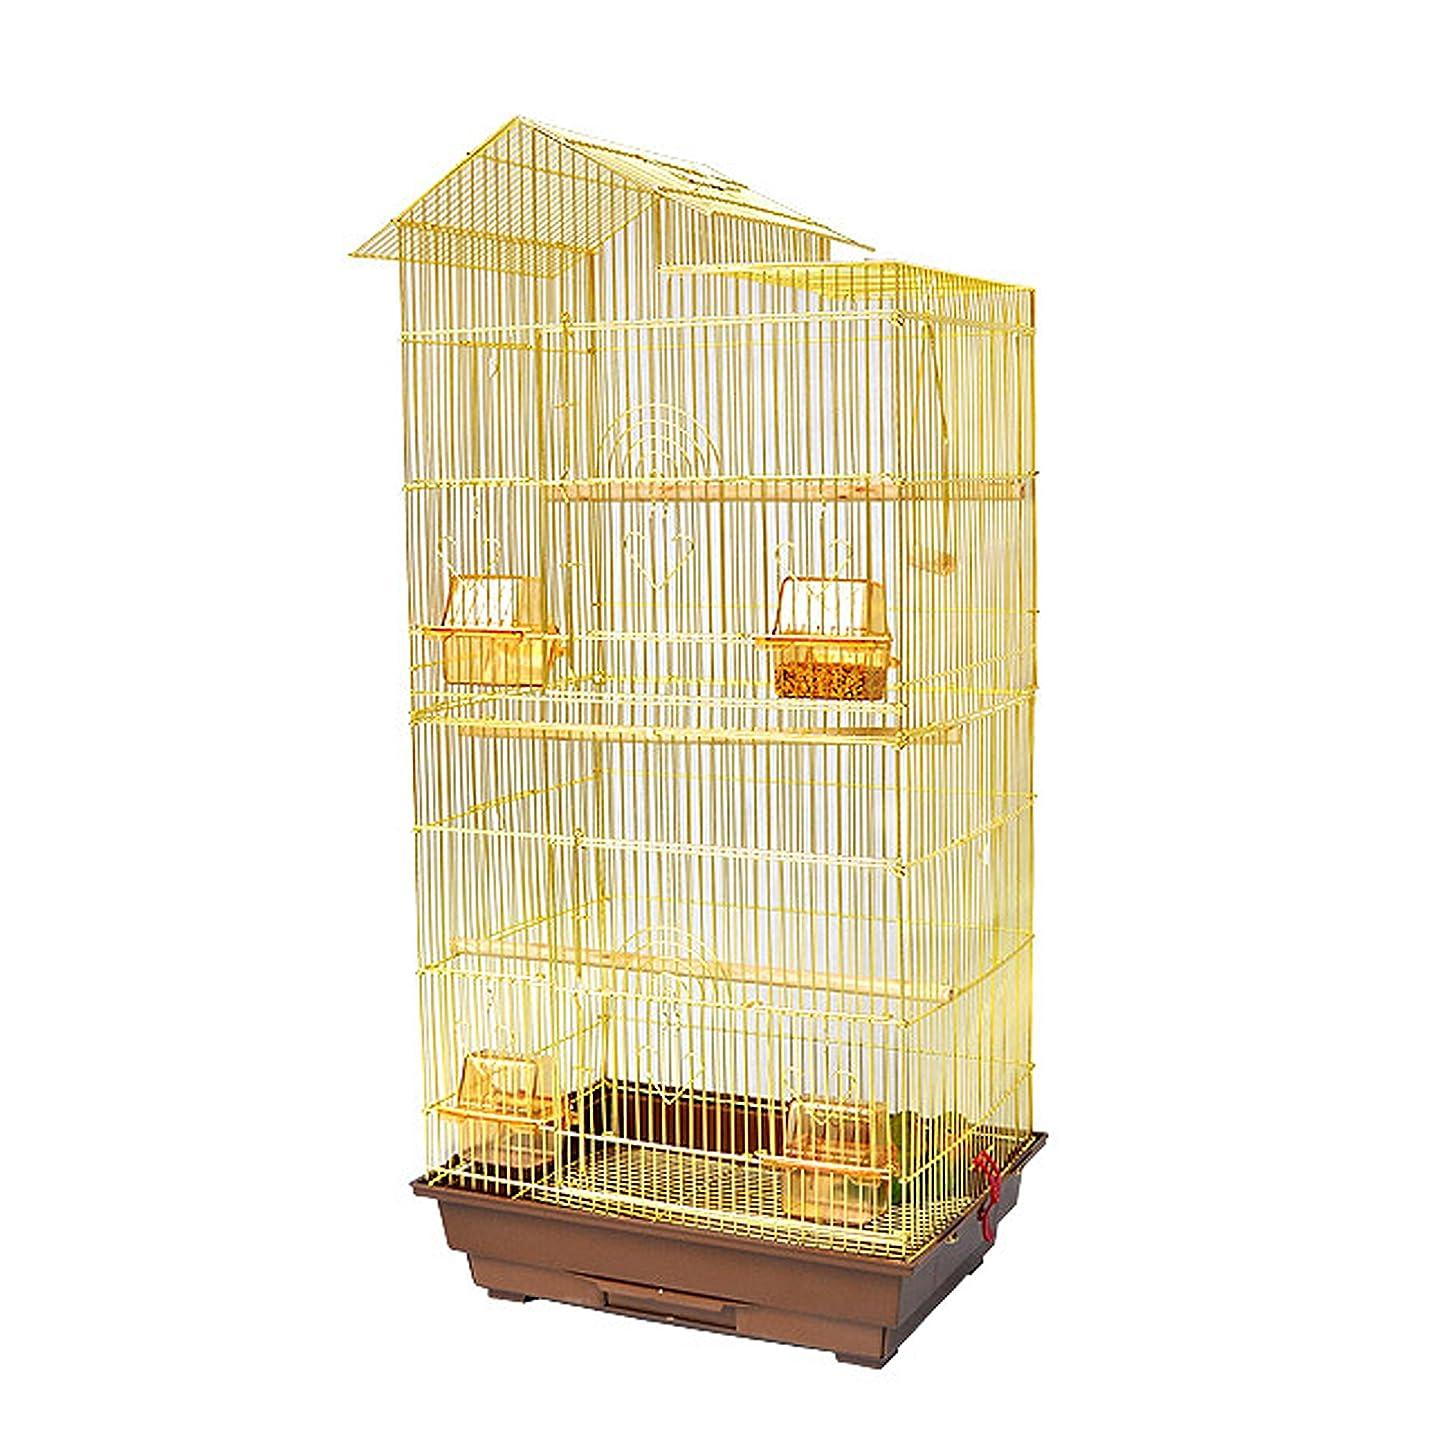 言及する豊富毎年Aeon hum 鳥ケージ 豪華ケージ 鳥かご 3段階 大きいケージ インコ オウムケージ オカメ セキセイ ボタン コガネメキシコ コザクラ マメルリハ ウロコ アキクサ (白)